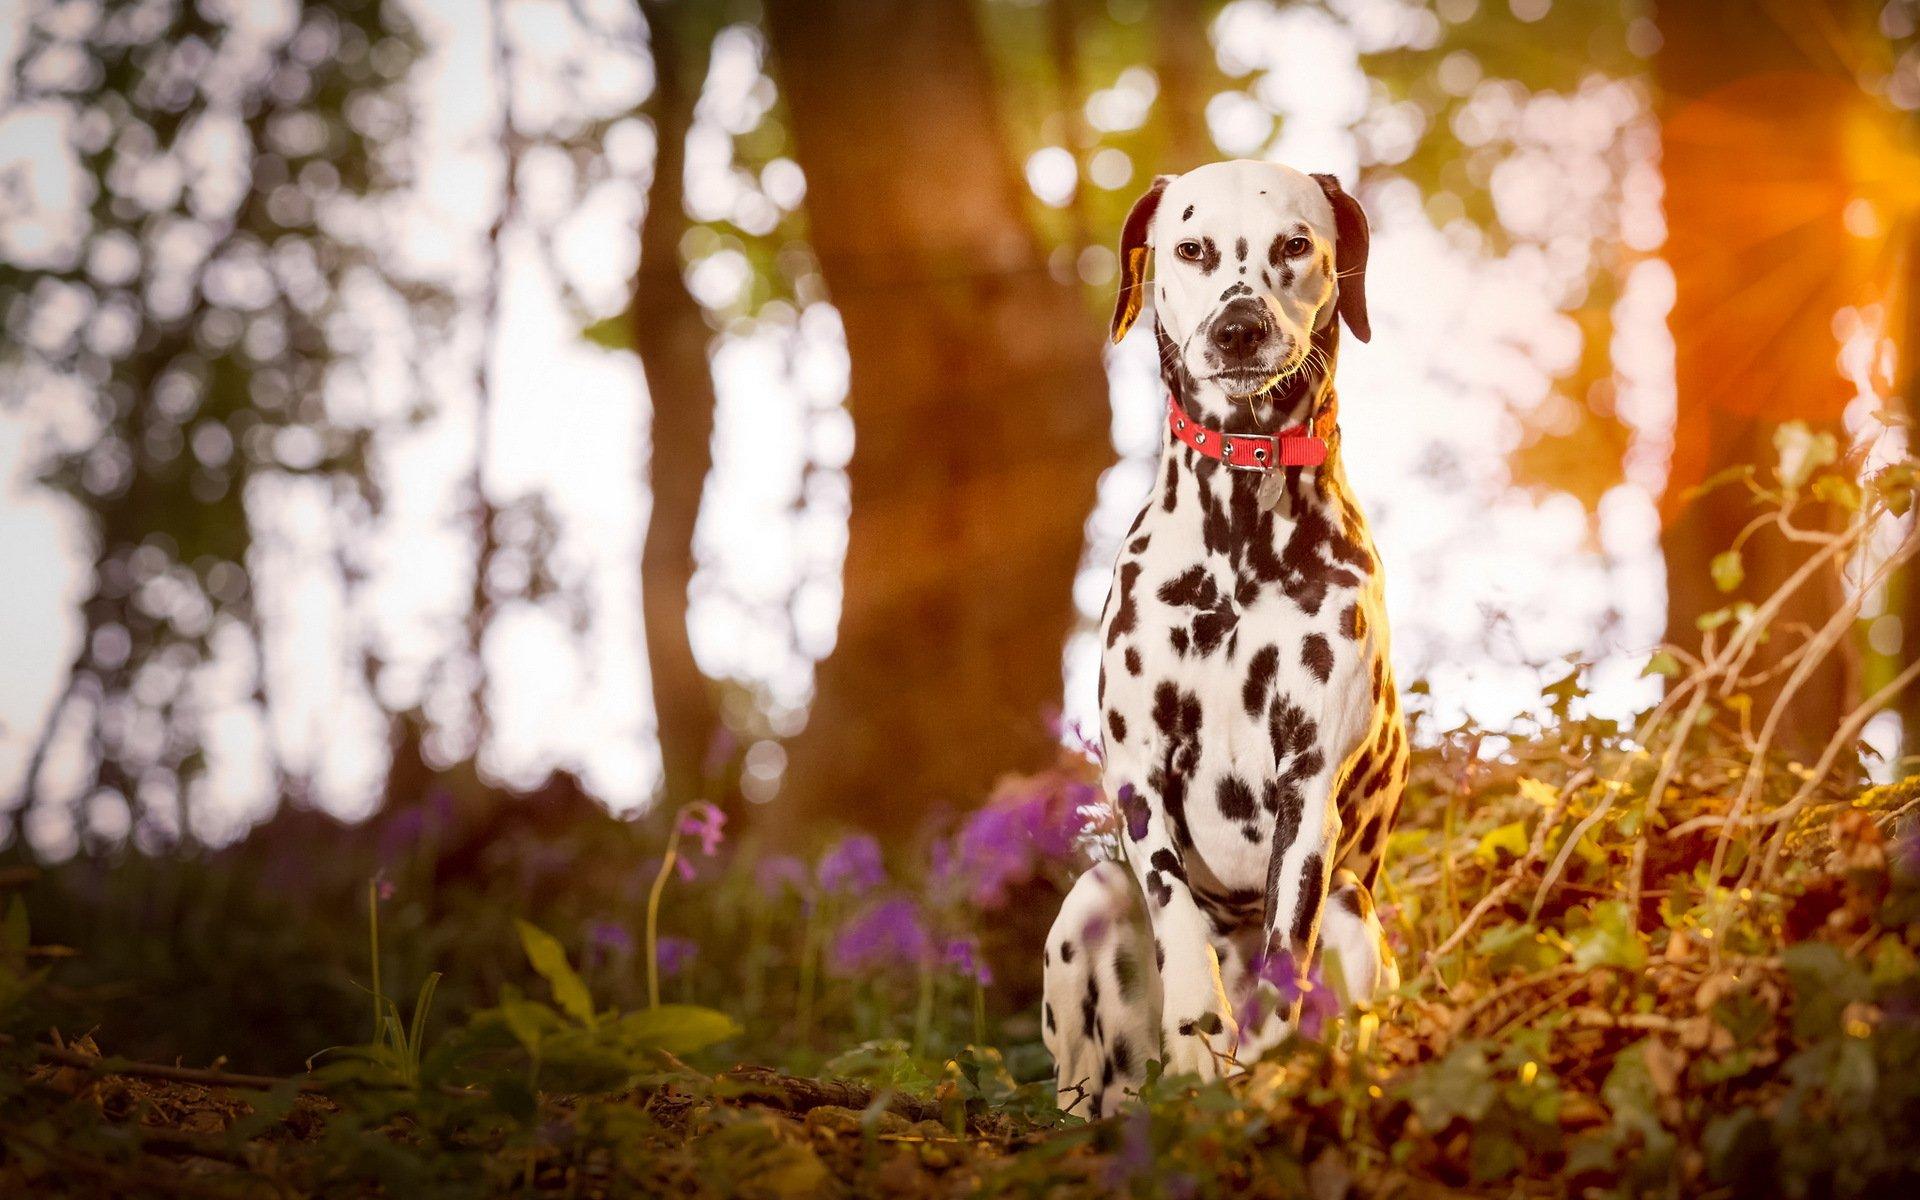 собака дерево лес  № 1114346 бесплатно